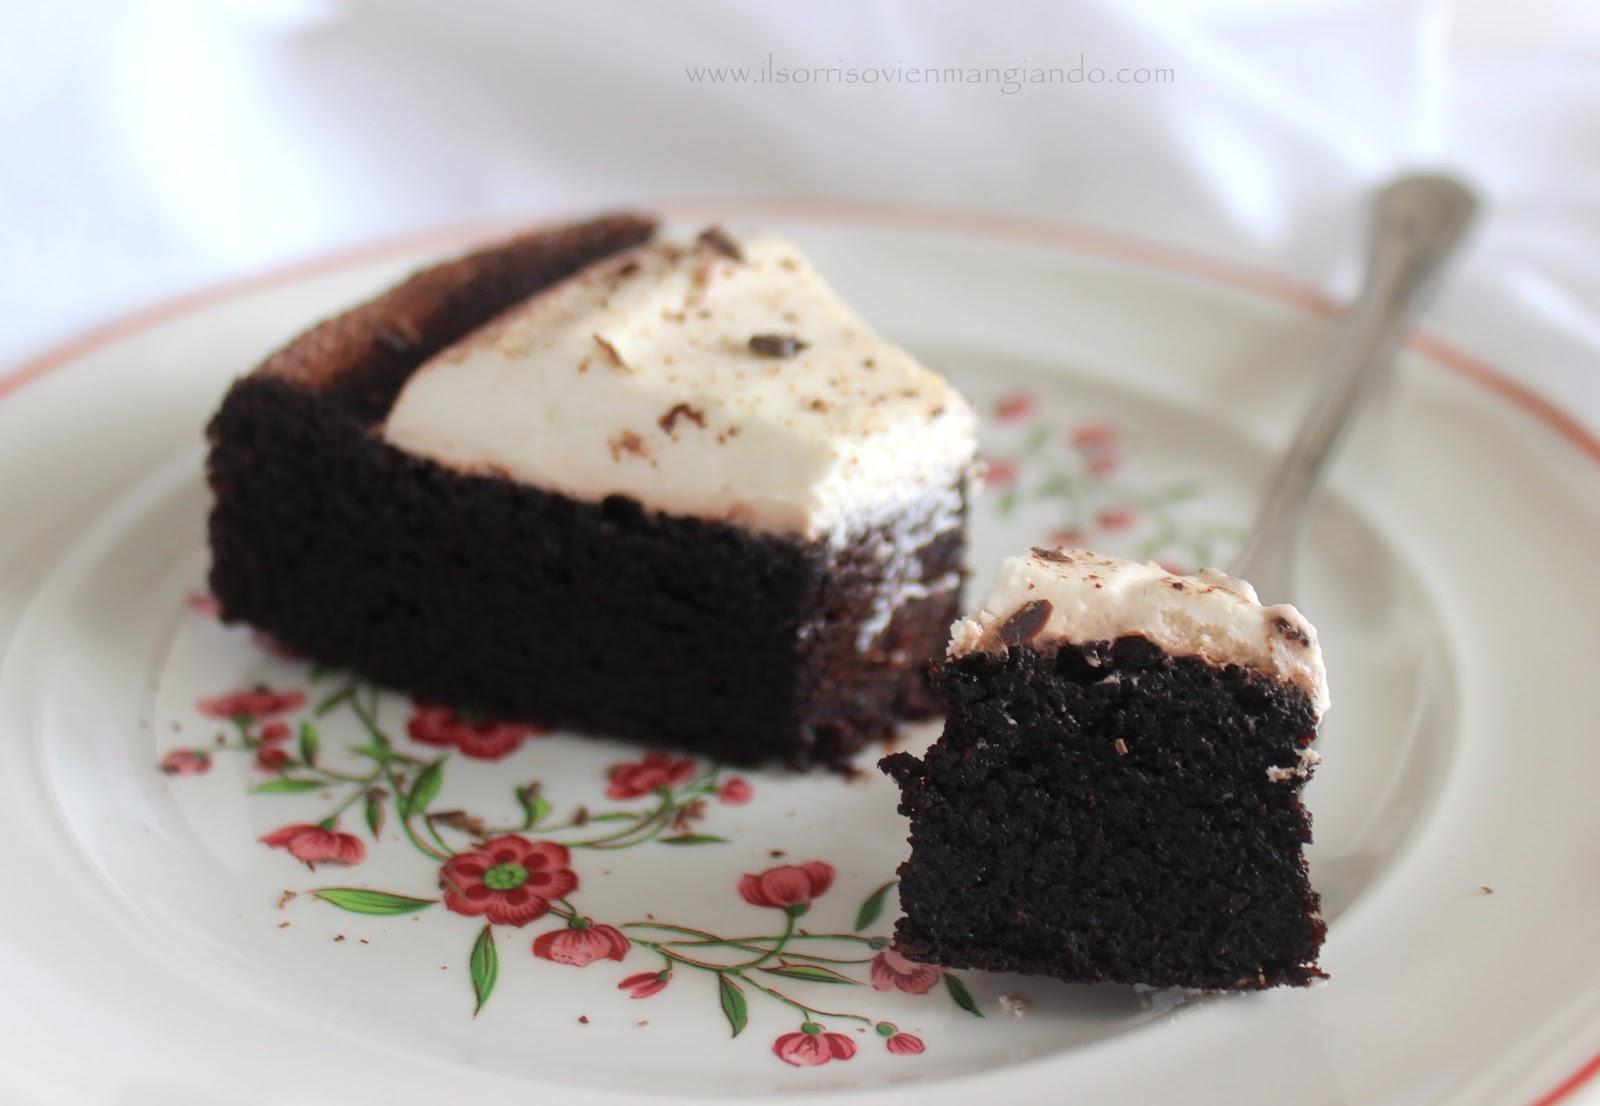 Torte Da Credenza Al Cioccolato : Il sorriso vien mangiando torta umida al cacao e olio evo con